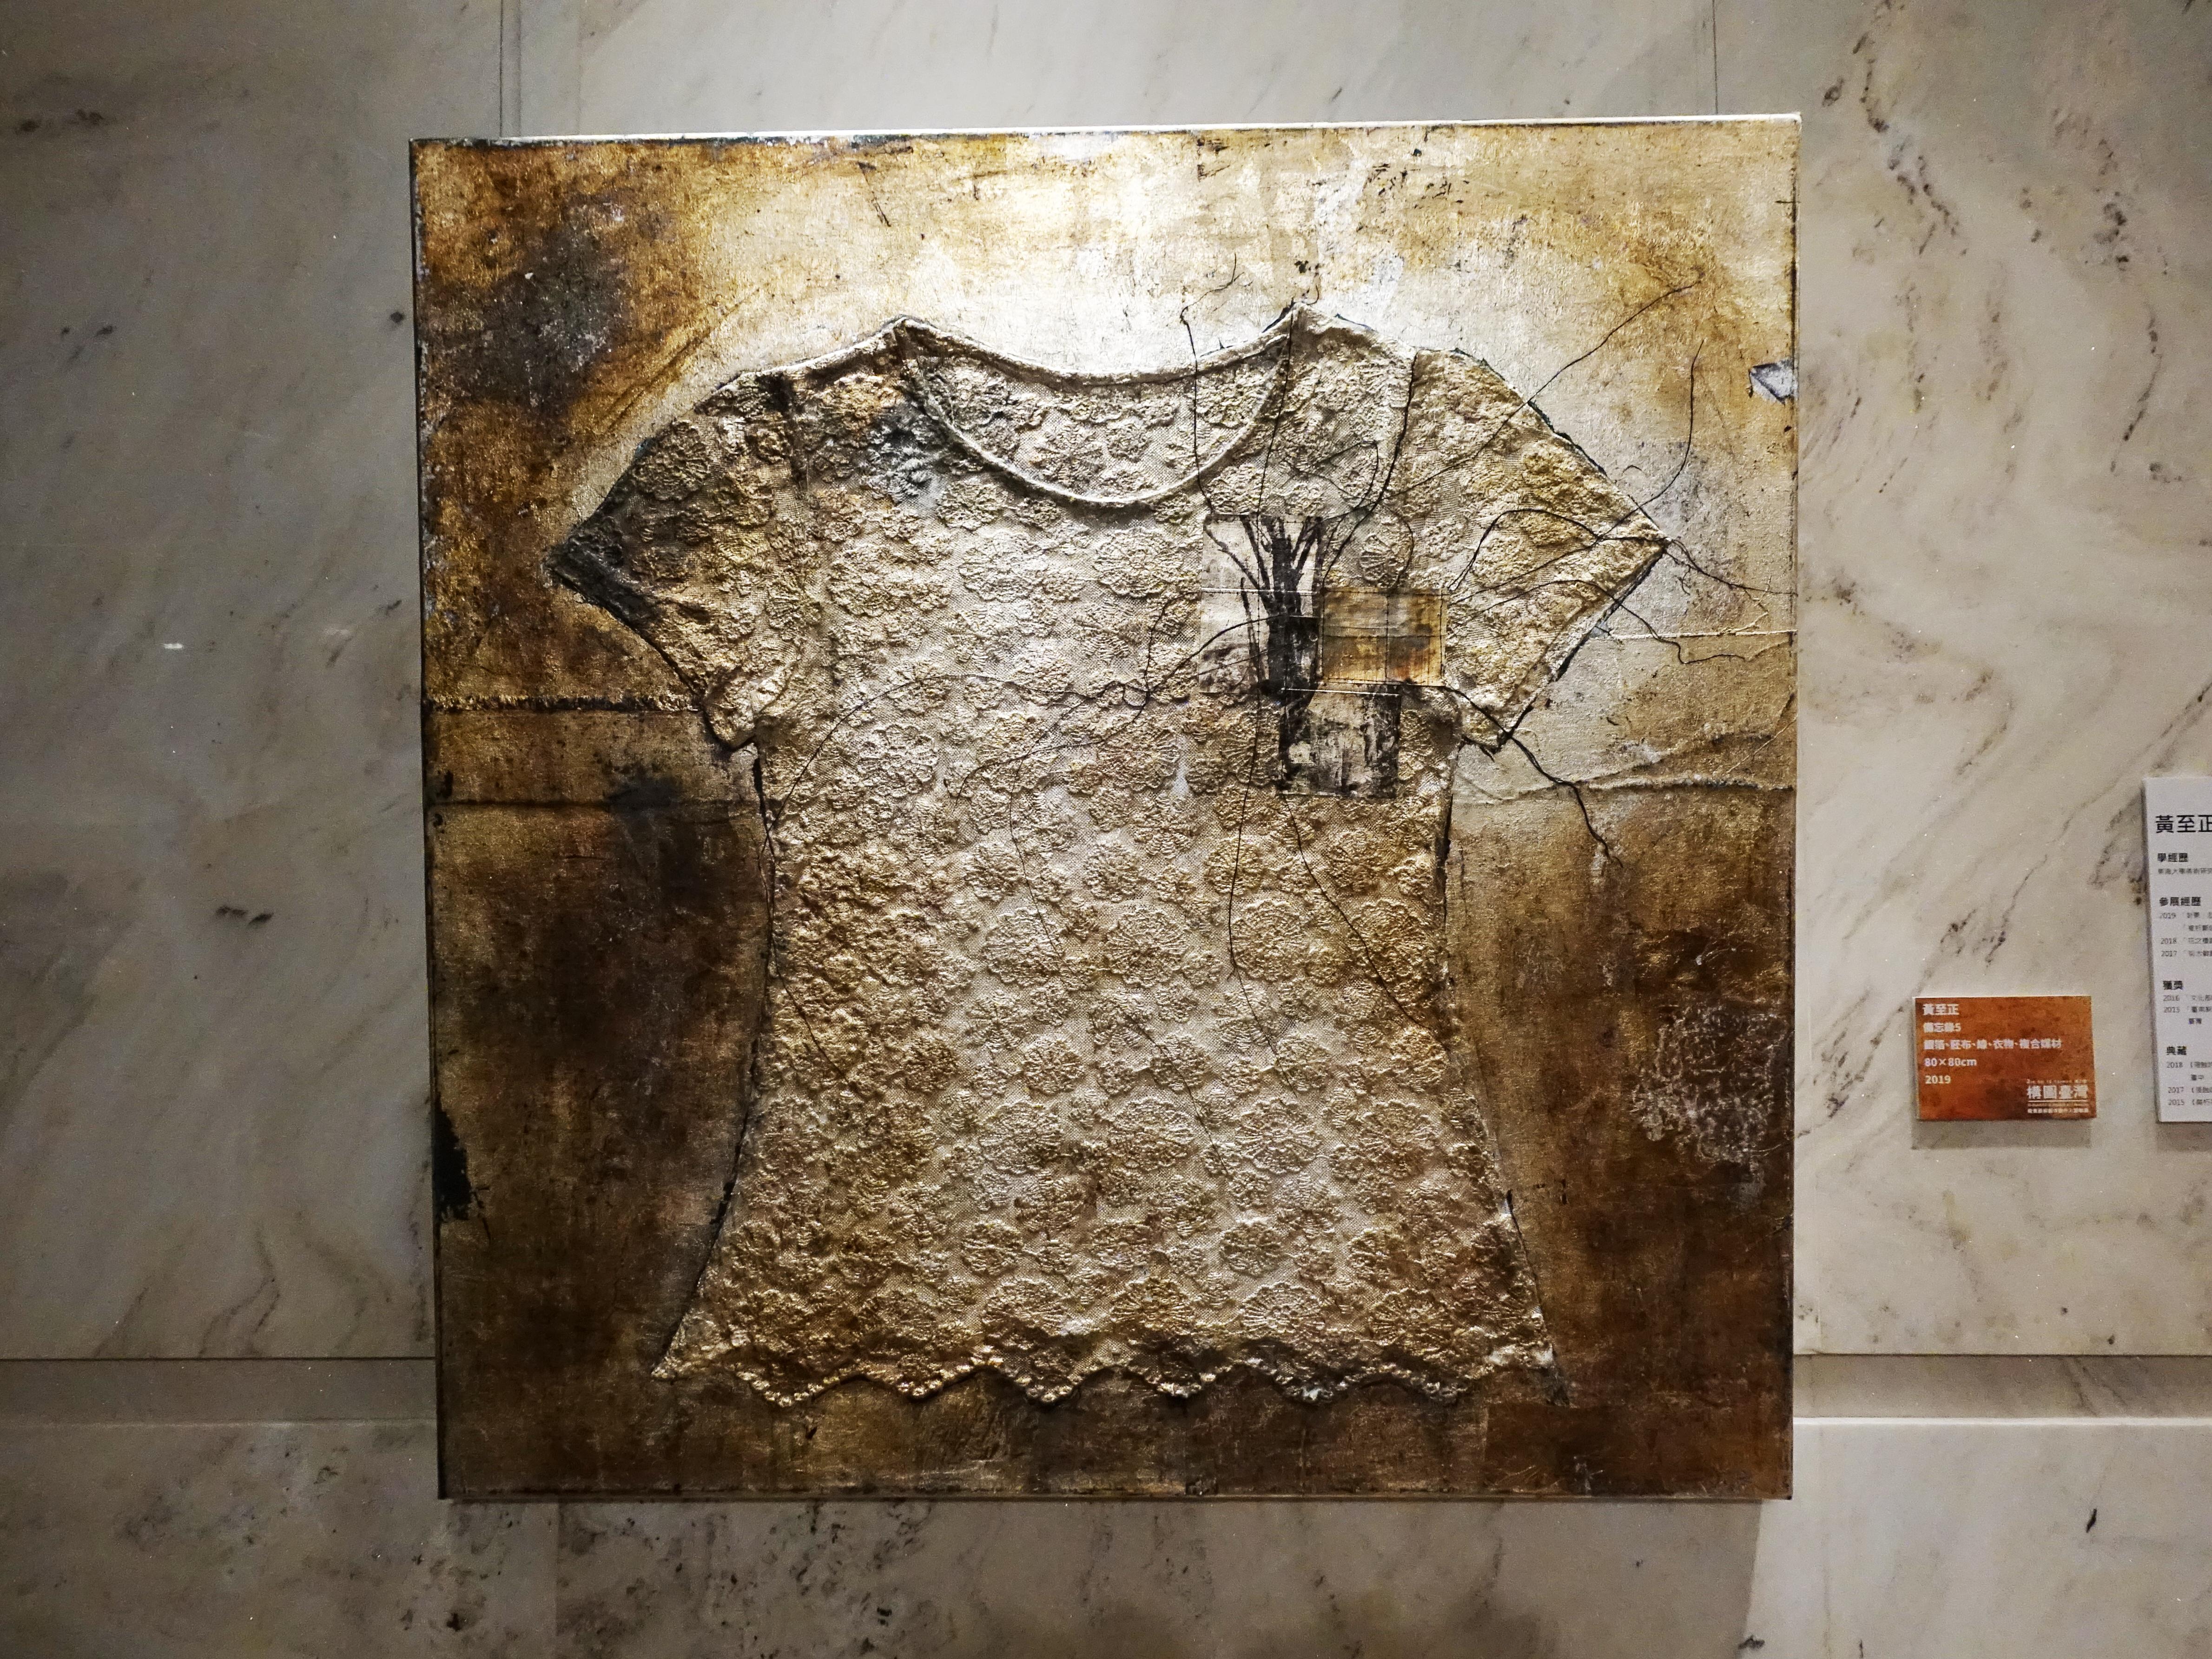 黃至正,《備忘錄5》,胚布、銀箔、線、衣物、複合媒材,80 x 80cm,2019。